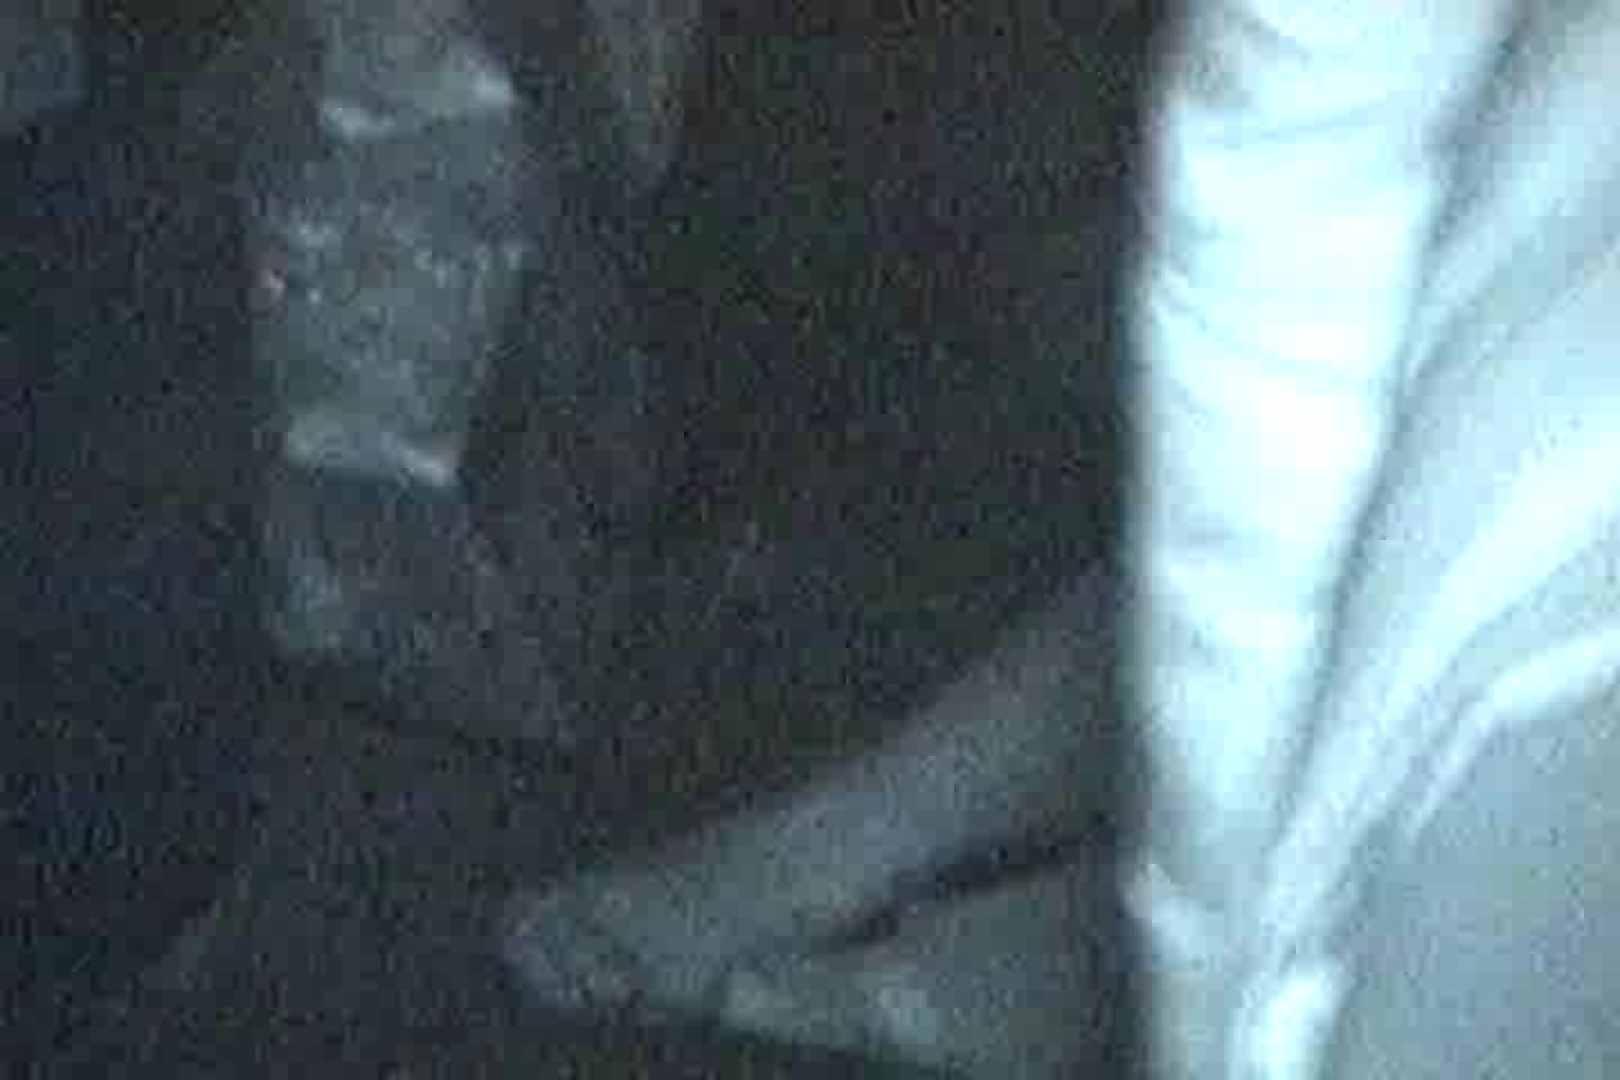 充血監督の深夜の運動会Vol.10 OLの実態 のぞき濡れ場動画紹介 91pic 72